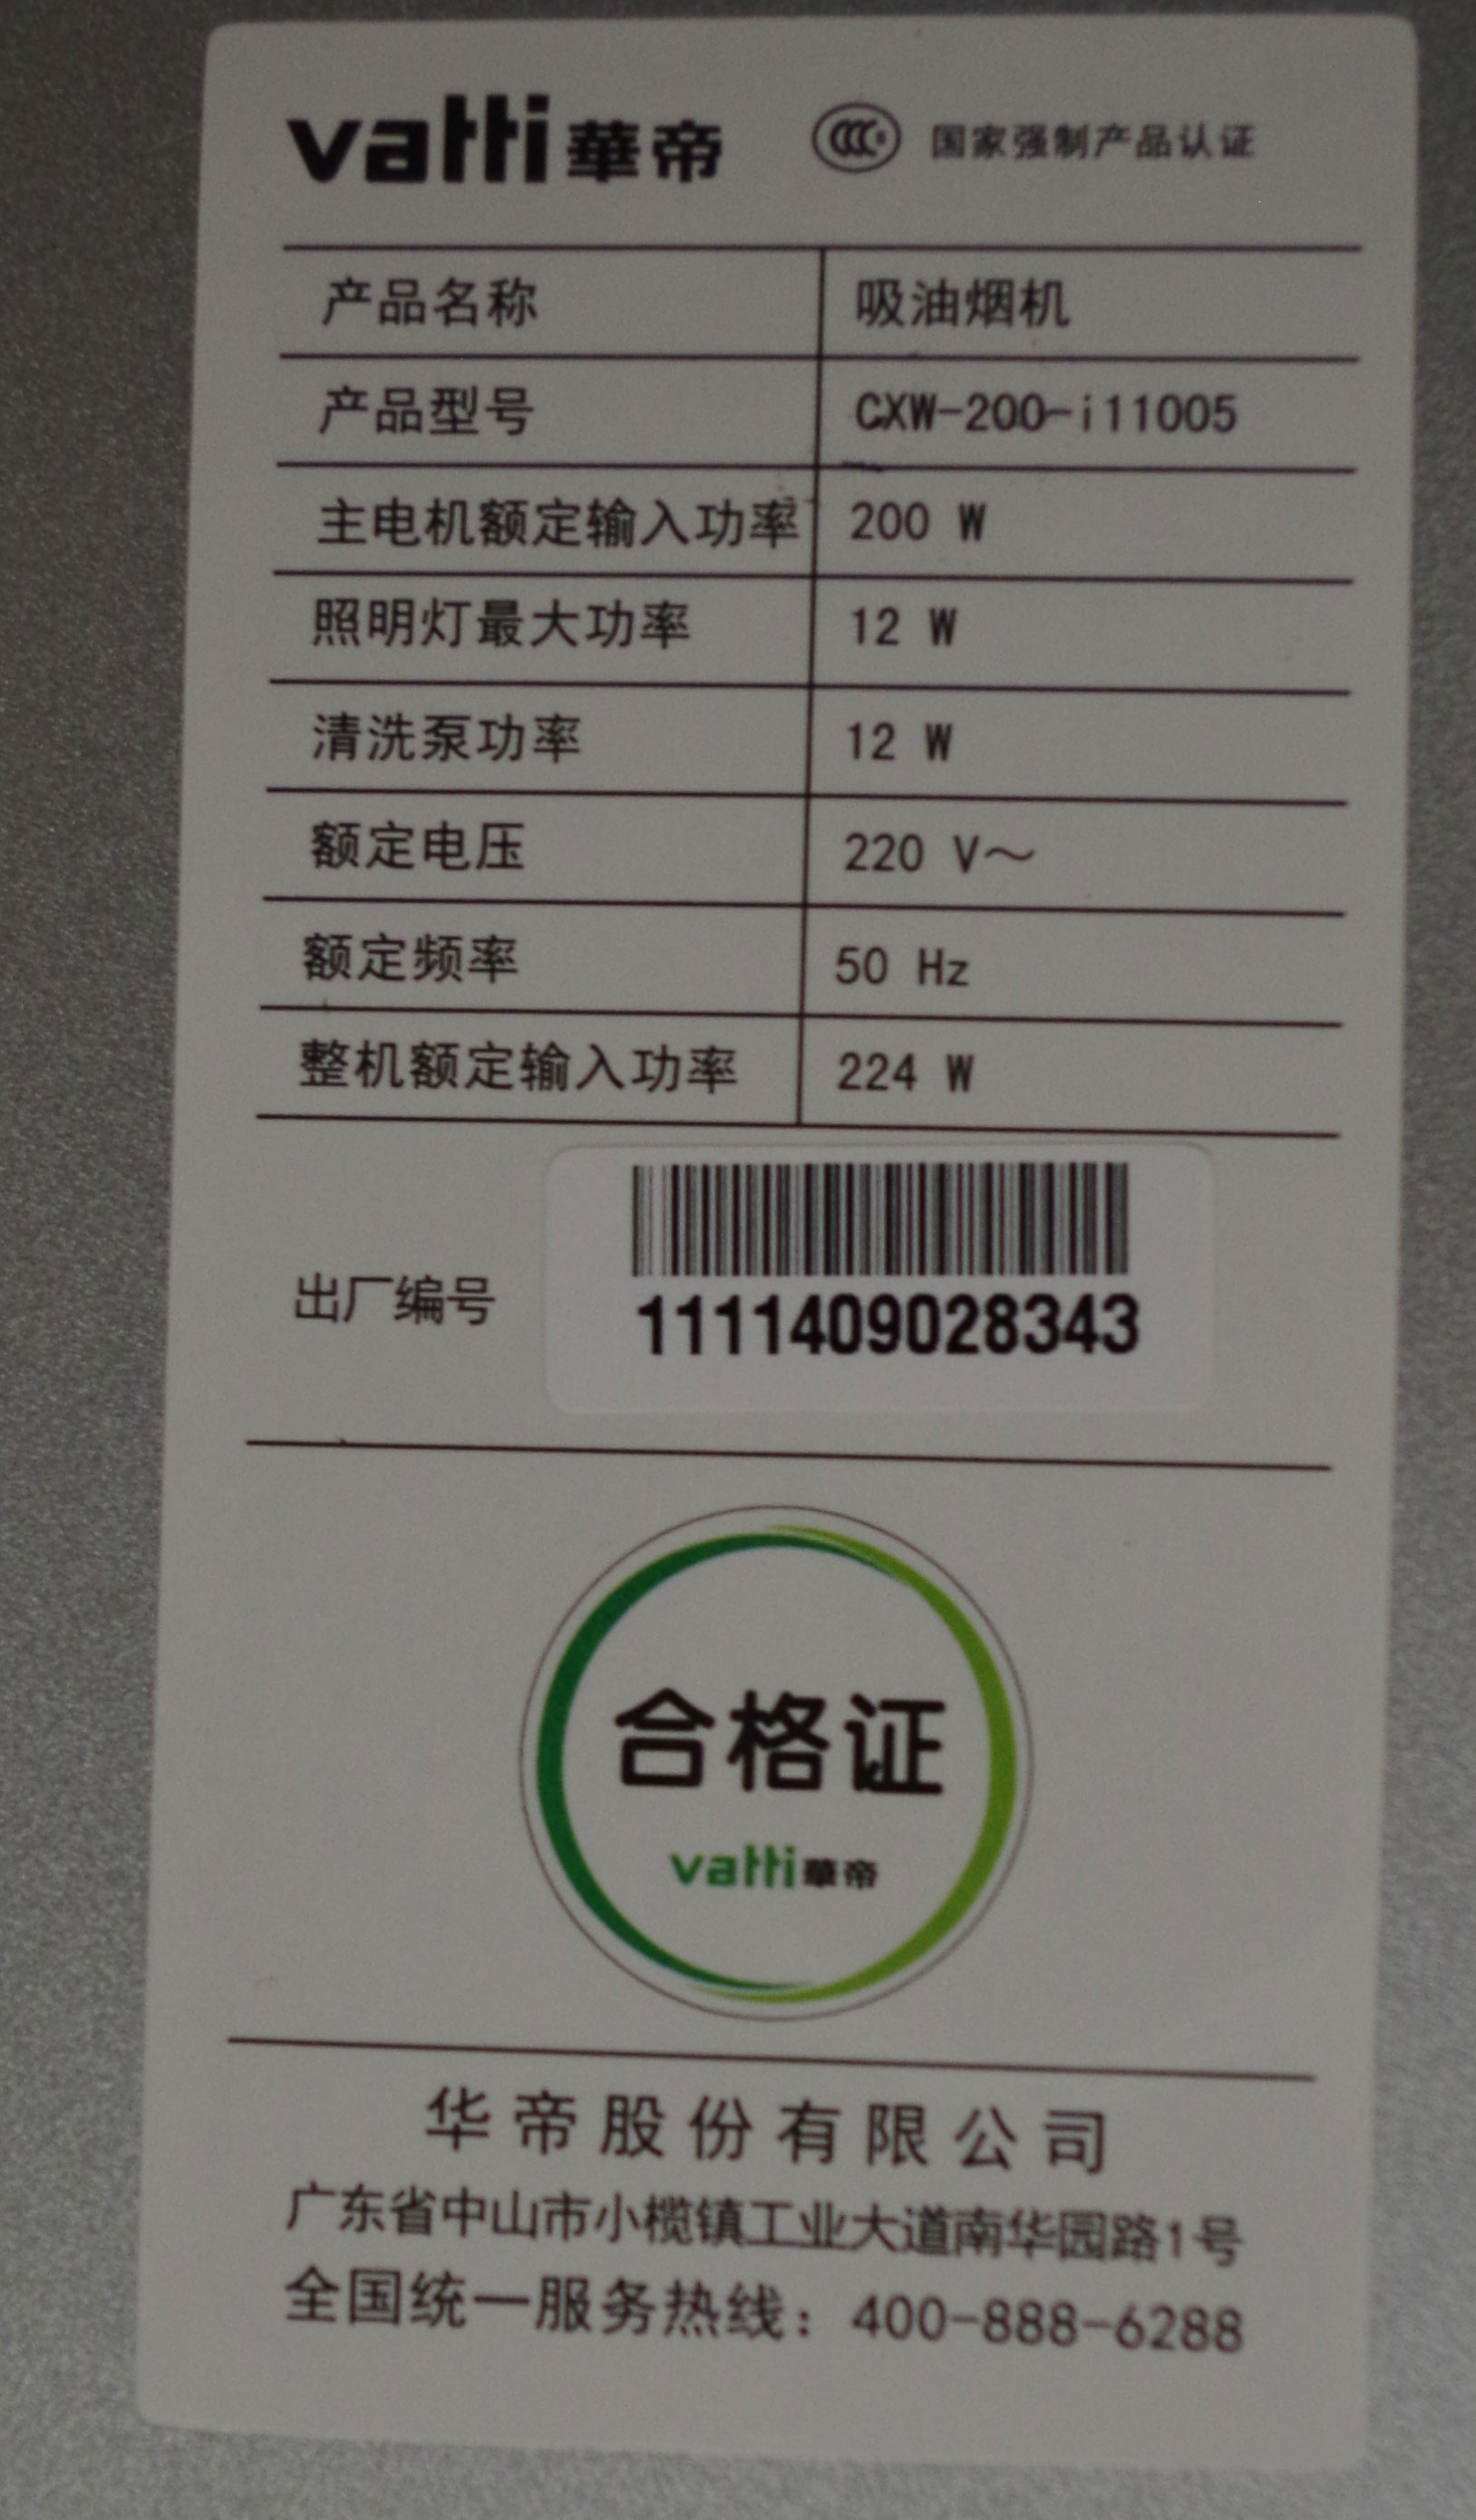 Вытяжка кухонная vatti/Vantage и cxw-200-i11005 вытяжка Европейский стиль вытяжка верхней всасывания подлинной